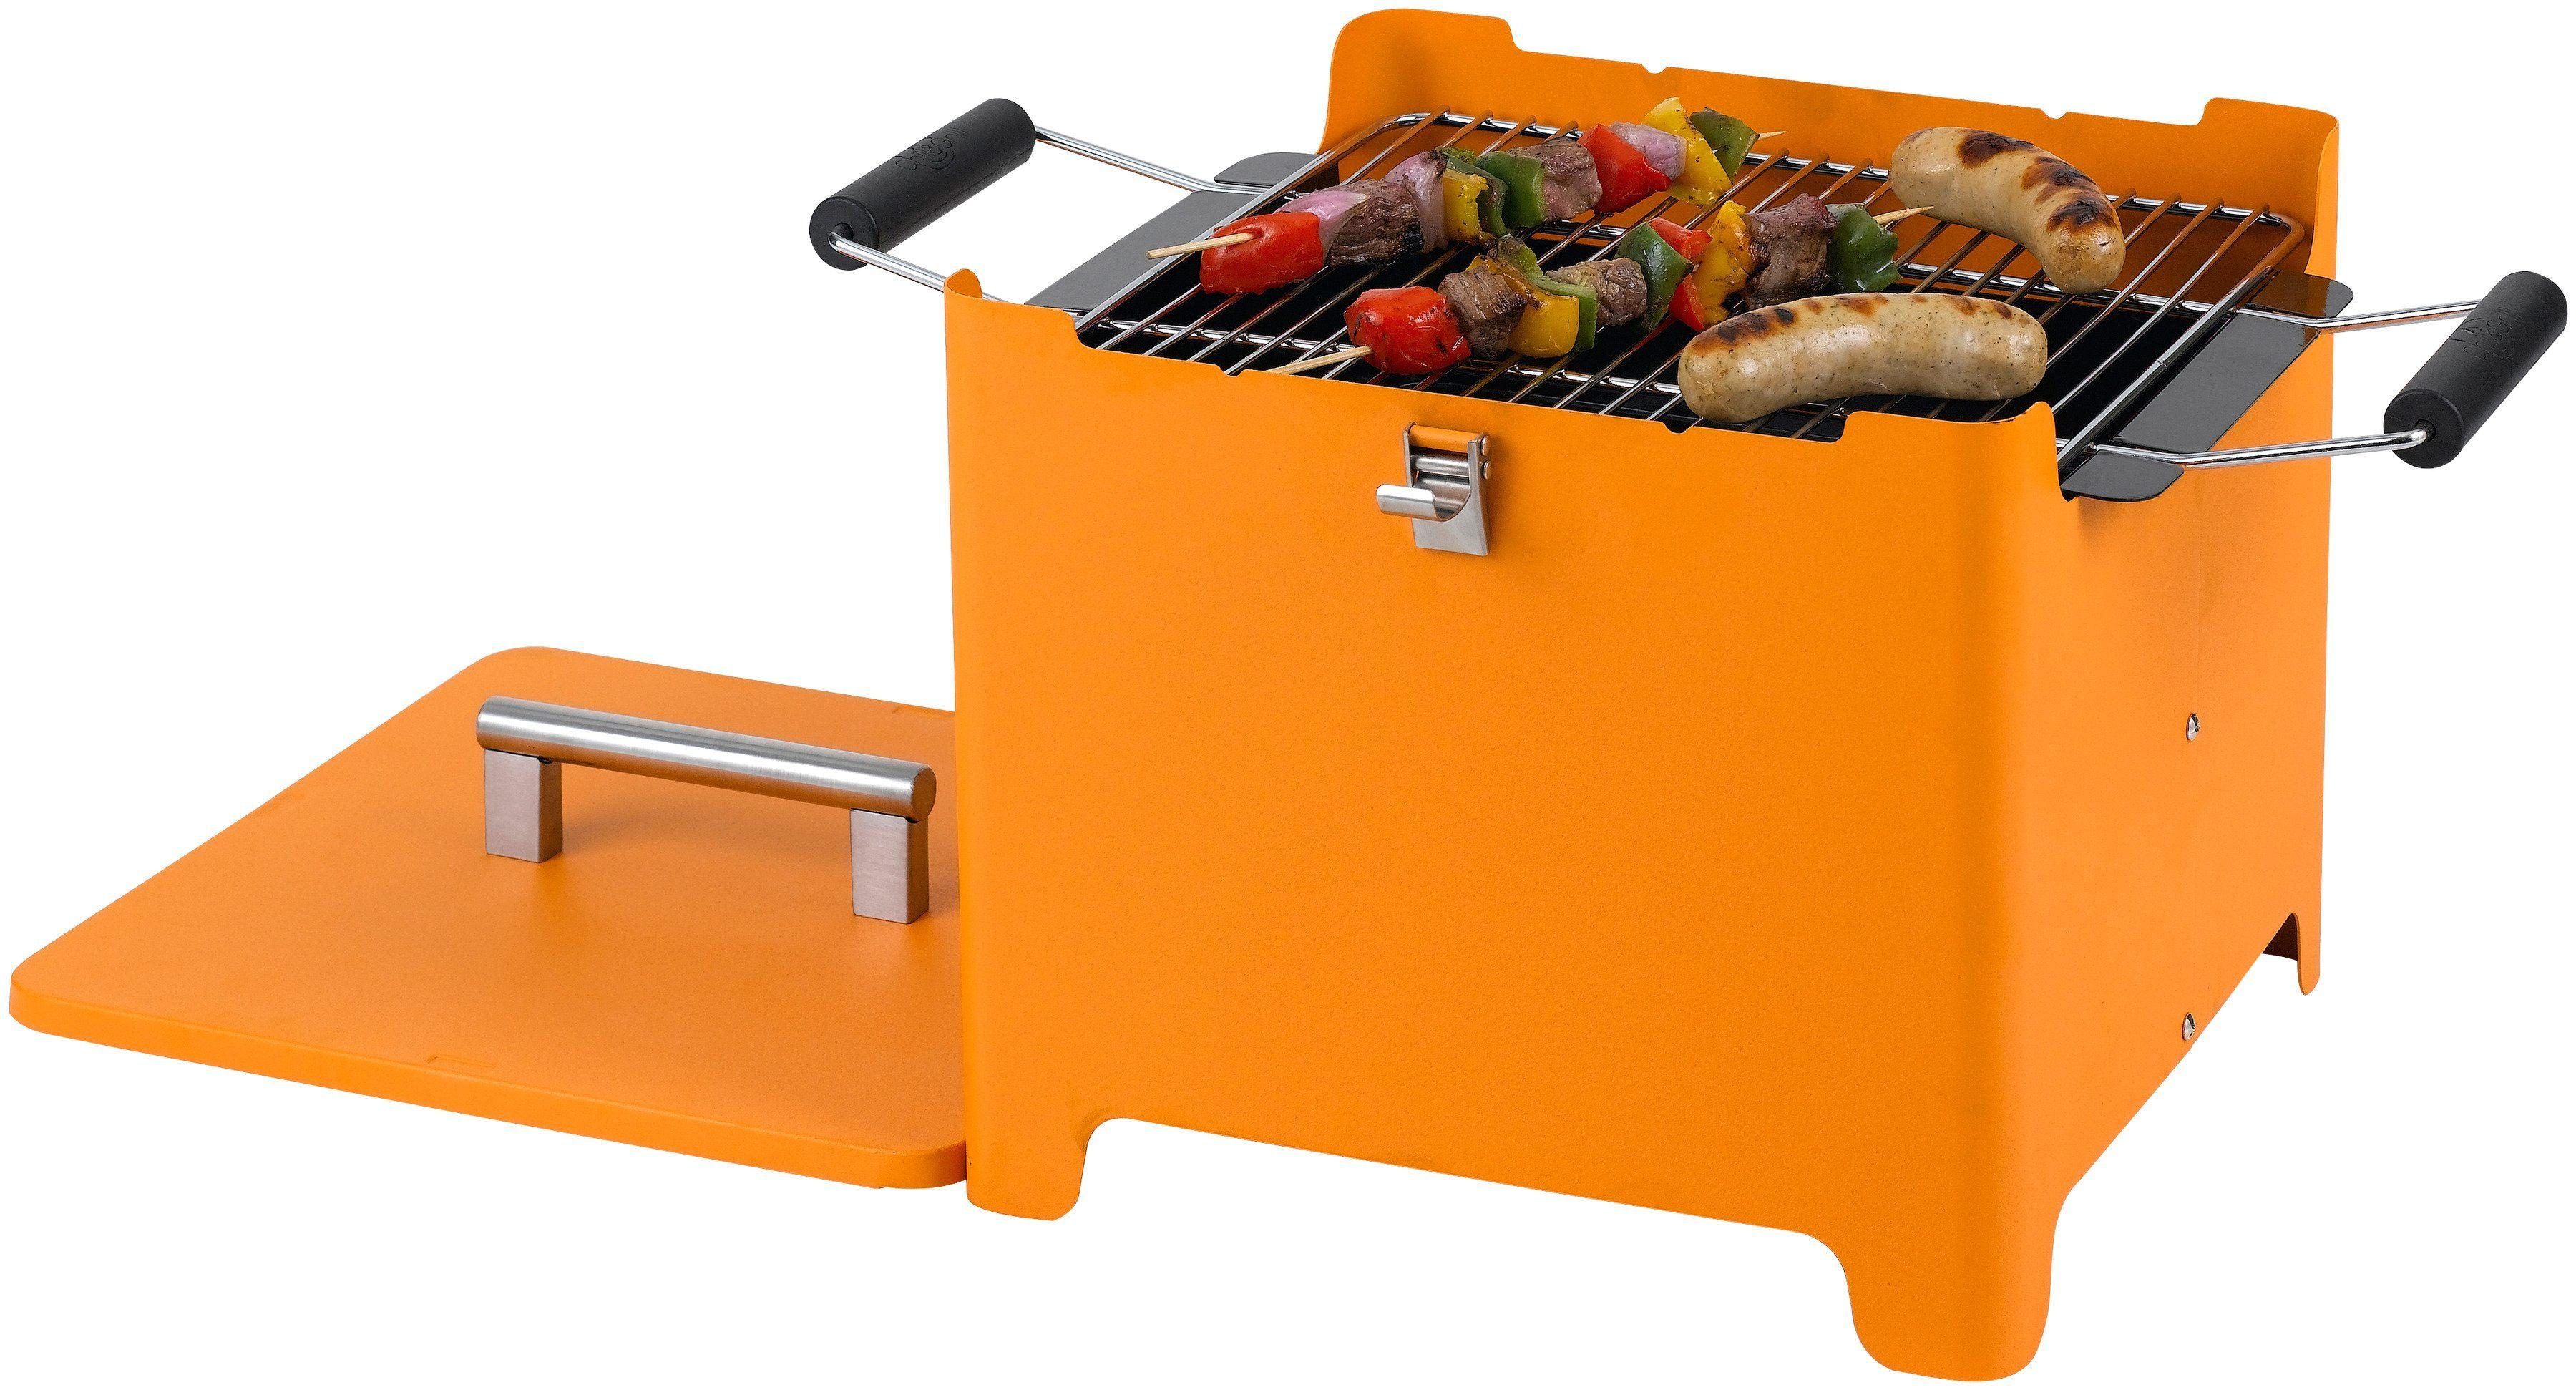 Tepro Holzkohlegrill Vista : Holzkohlegrills und andere grills von tepro online kaufen bei